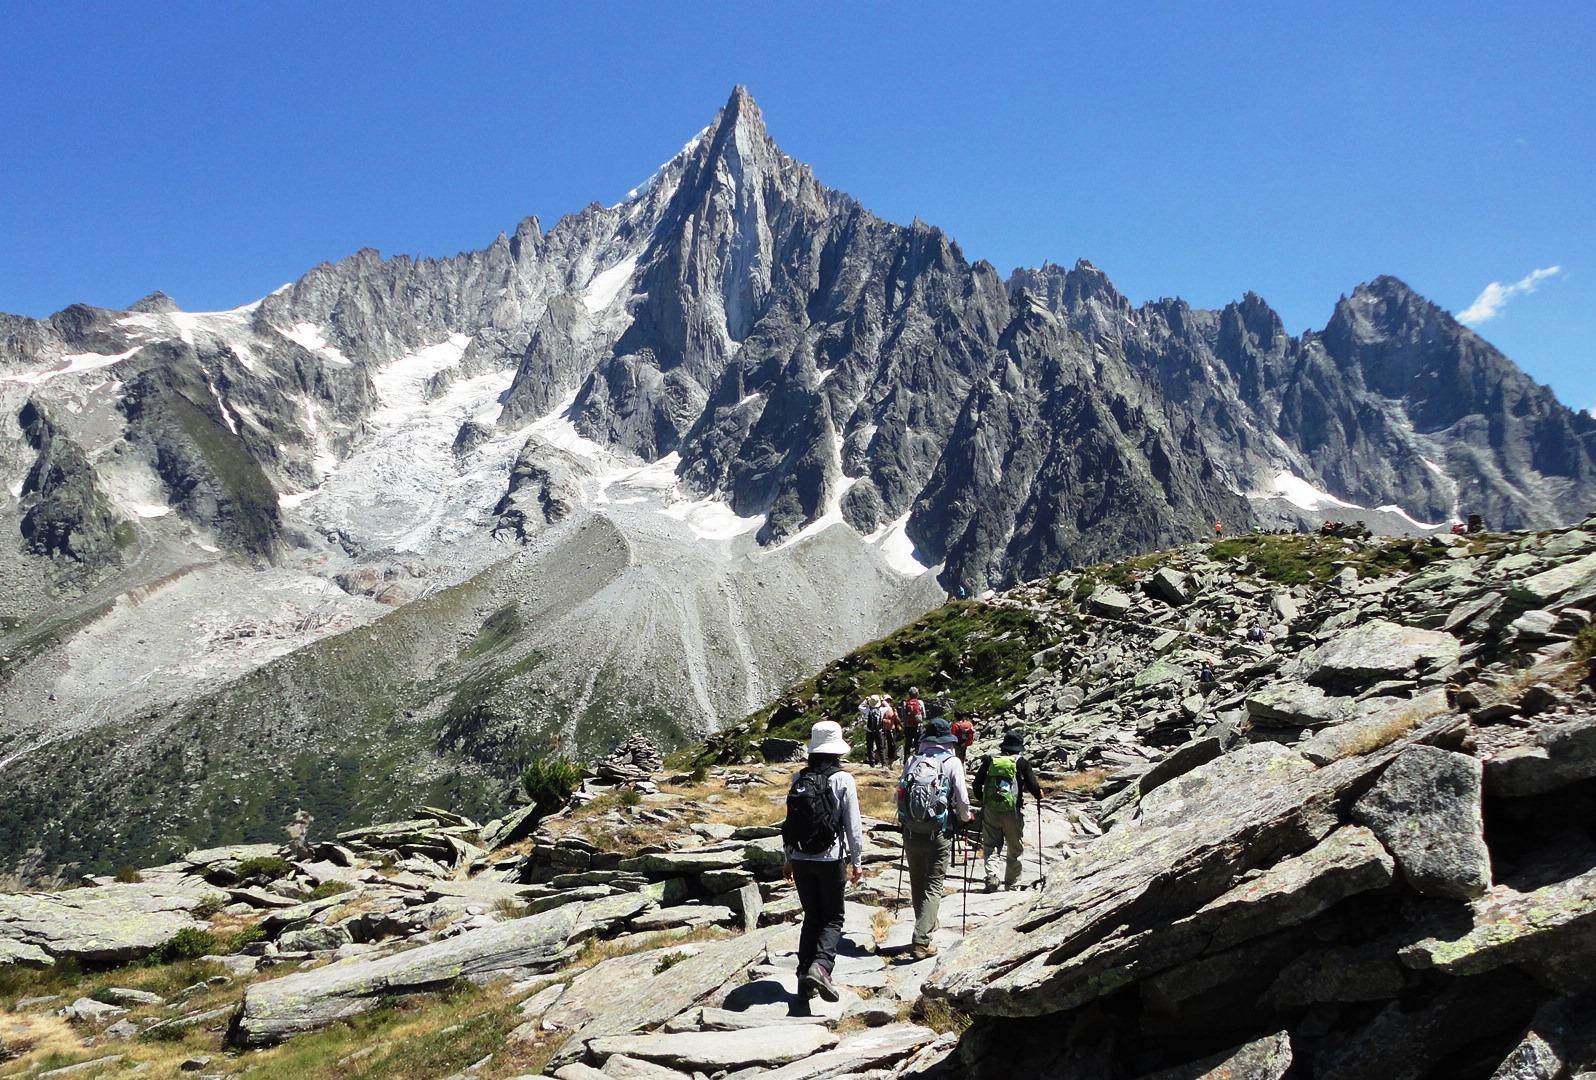 【催行予定・残席僅か】7月16日出発 シャモニ滞在ハイキングと 迫力のモンブラン南壁 8日間